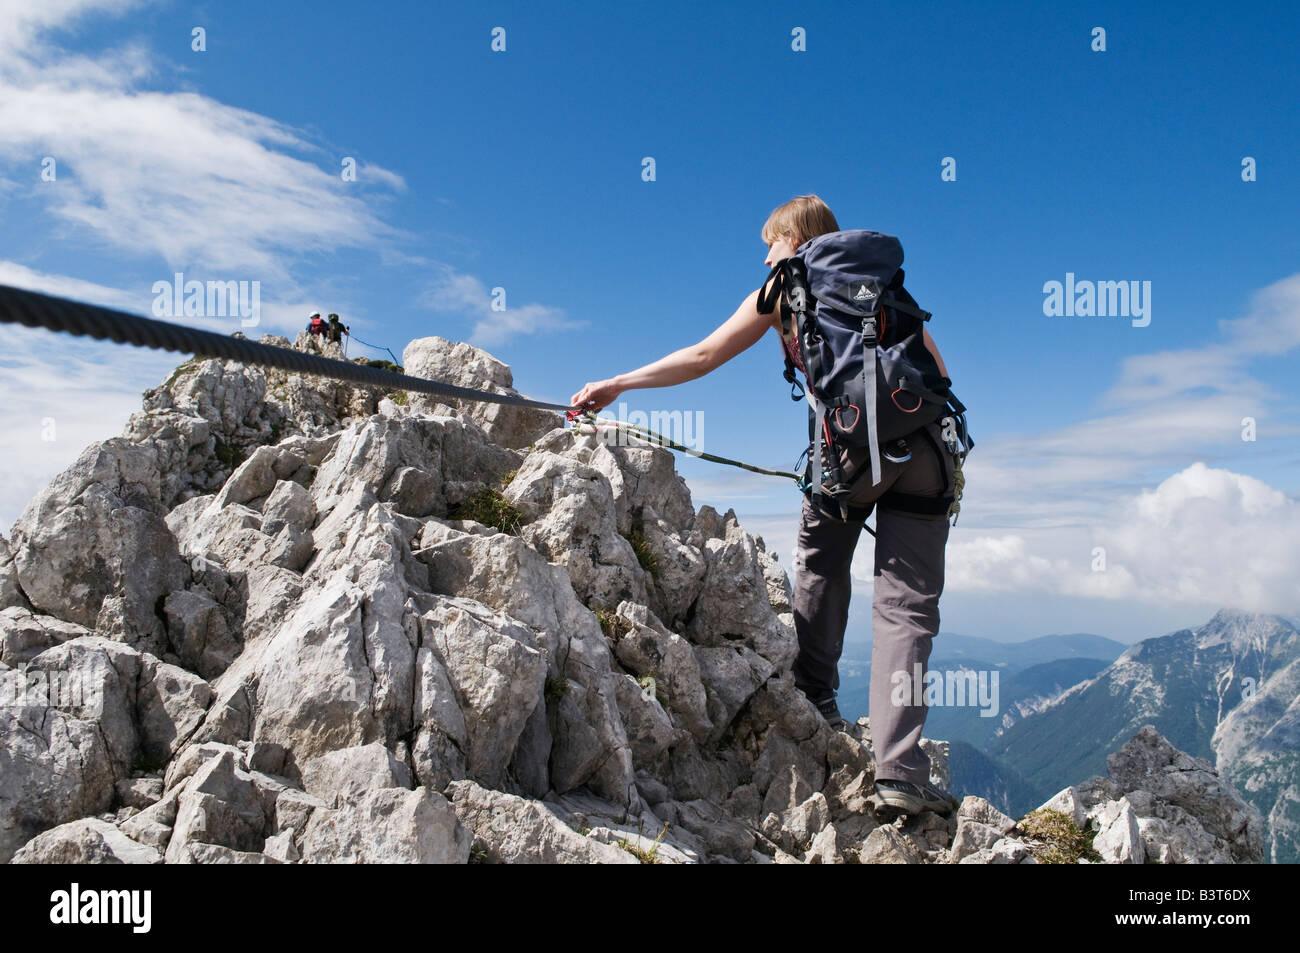 Klettersteig Bavaria : Weibliche wanderer auf via ferrata klettersteig route der